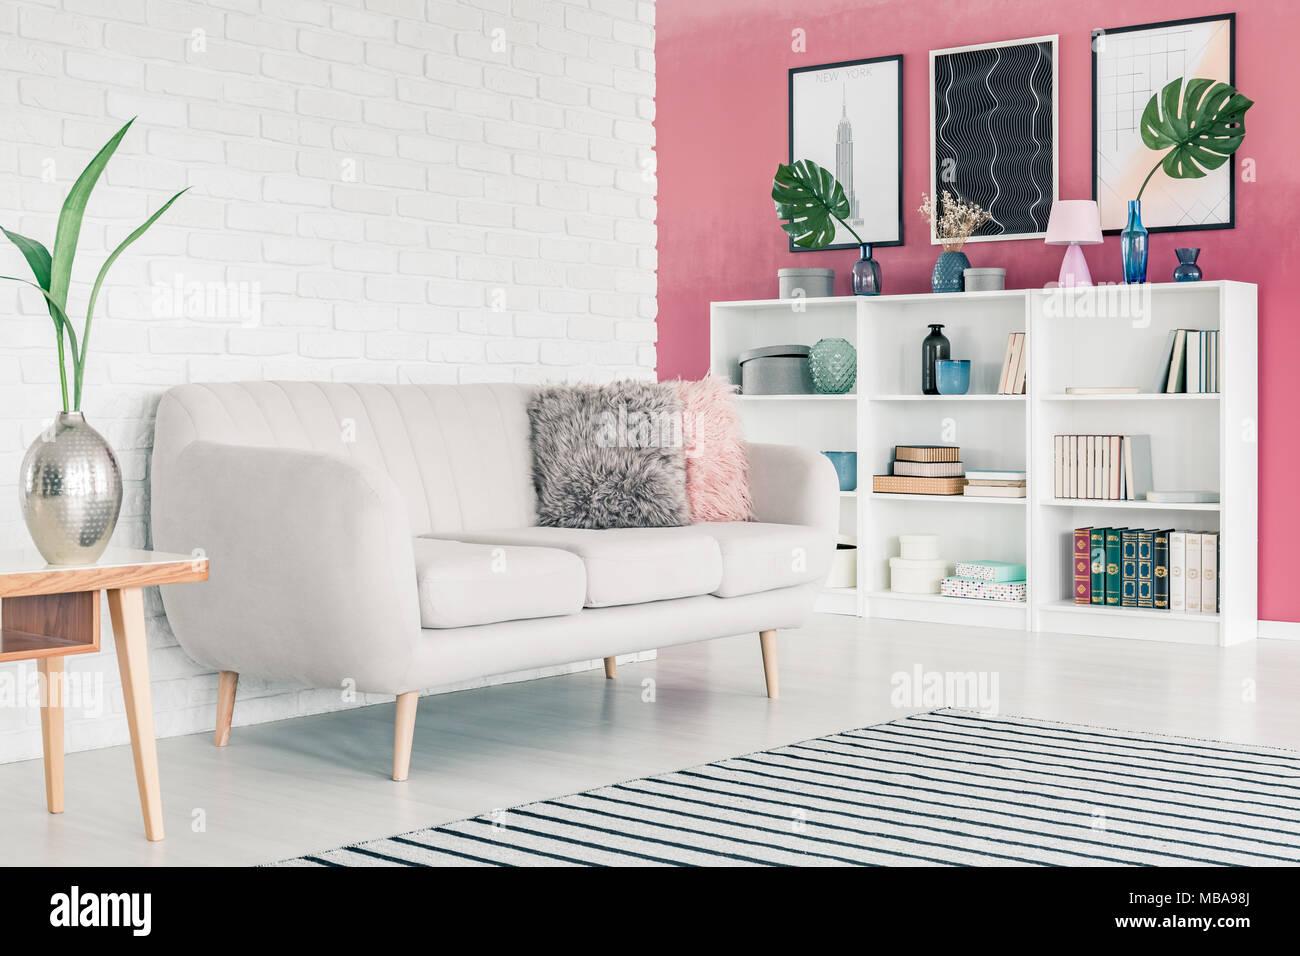 Divano bianco in rosa living room interior con il bianco muro di